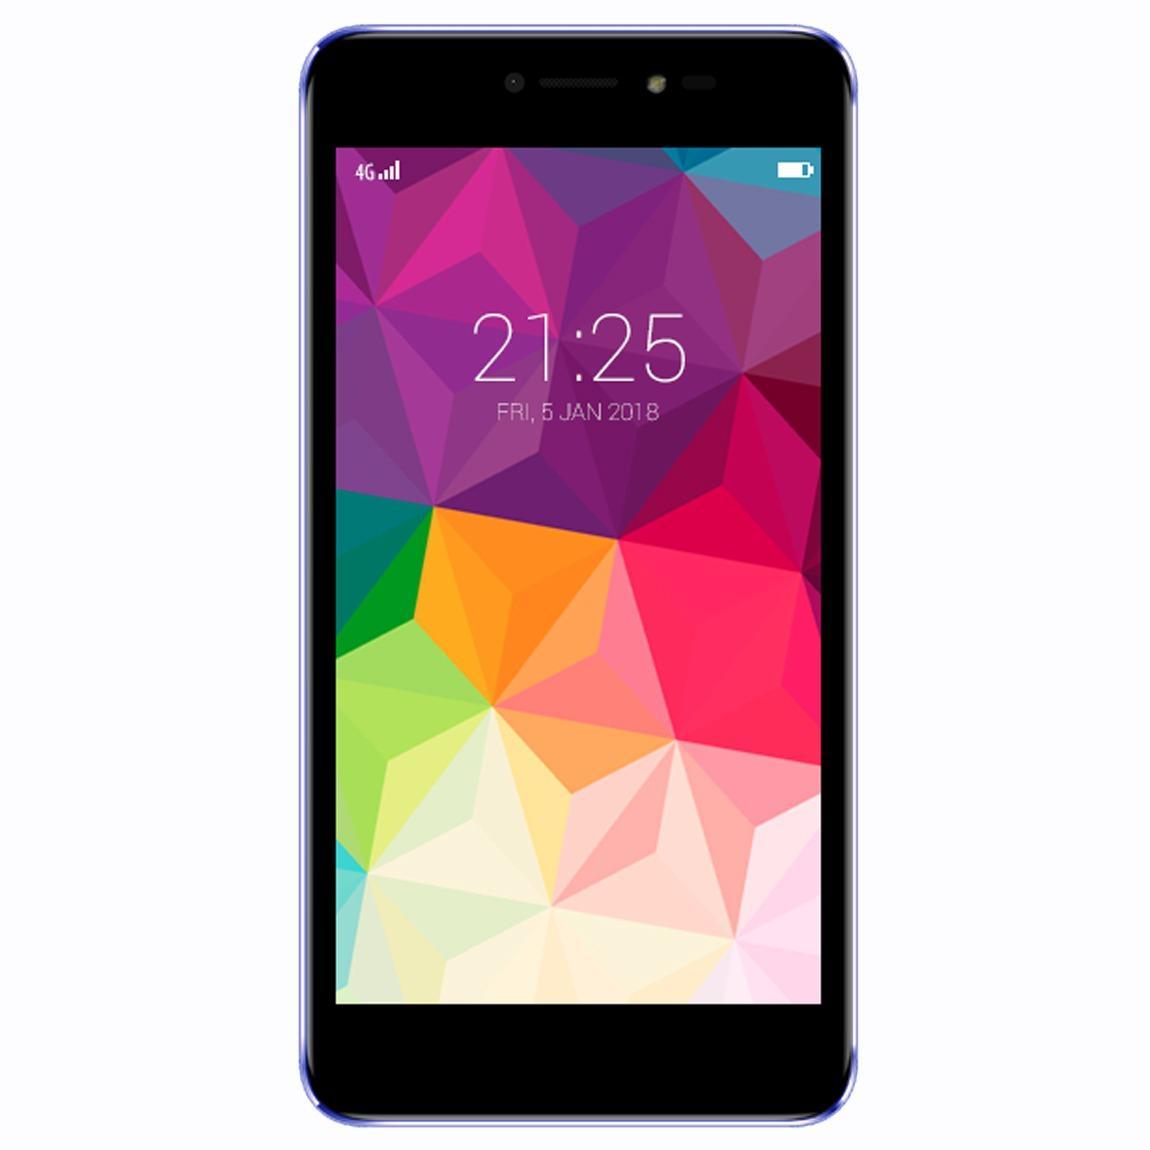 Harga Blackberry Aurora Ram 4 Rom 32 Garansi Resmi 1 Tahun Terbaru Hitam Black Flip Jualan Online Terlaris Aman Dan Terpercaya